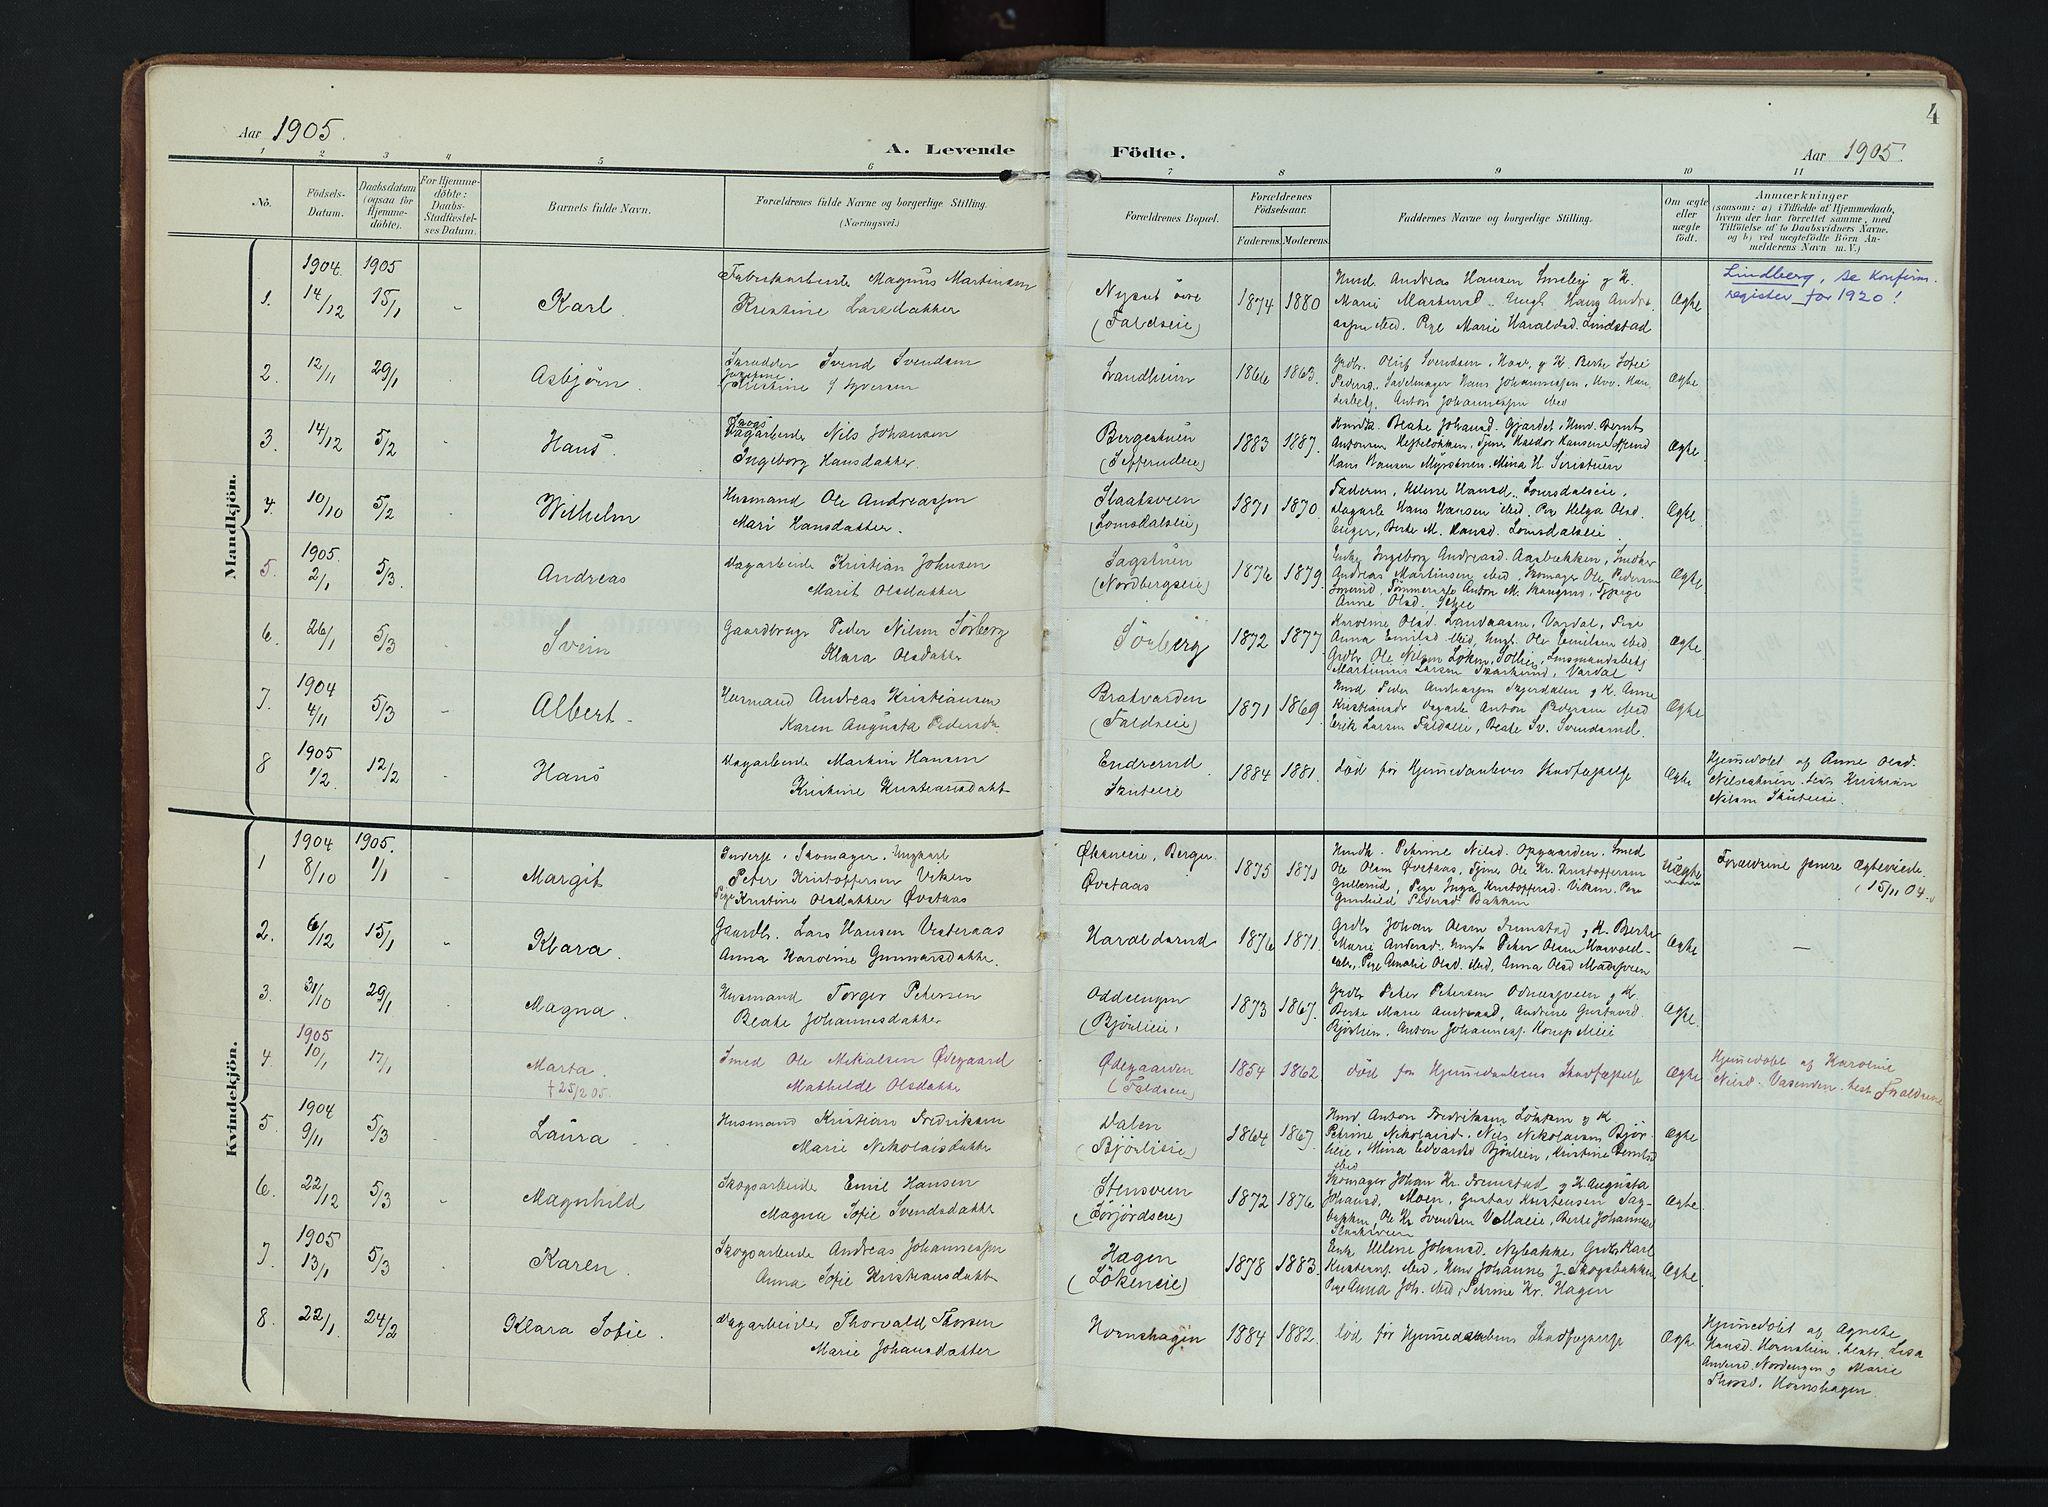 SAH, Søndre Land prestekontor, K/L0007: Ministerialbok nr. 7, 1905-1914, s. 4